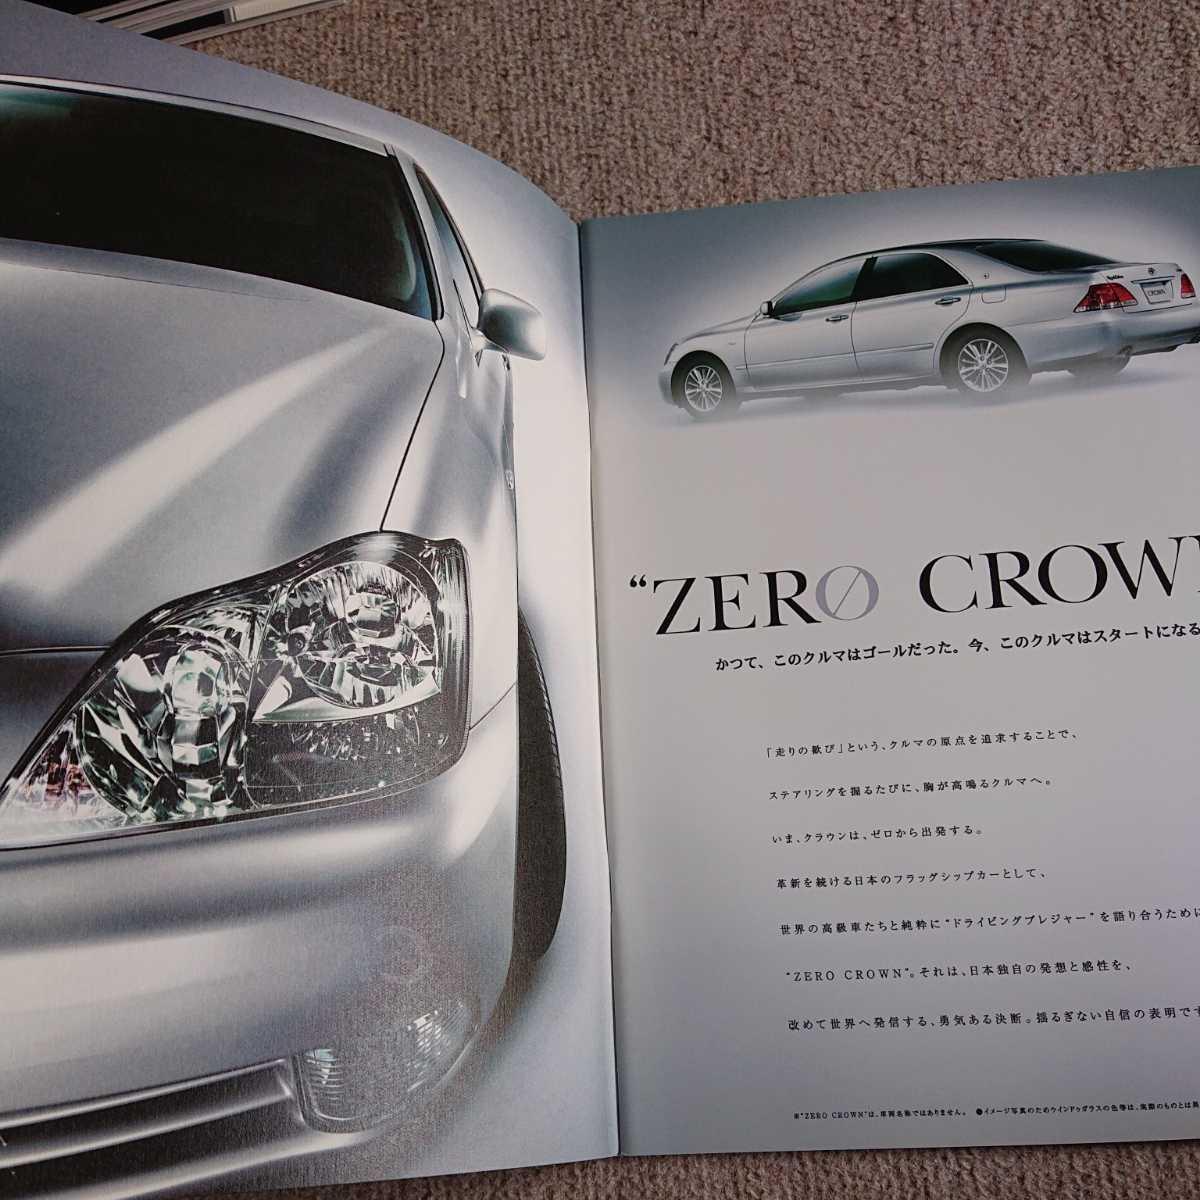 廃盤、2003年~2005年、型式UA-GRS180、182、183。トヨタ ゼロクラウン 前期 ロイヤル サルーン。本カタログ。_画像3